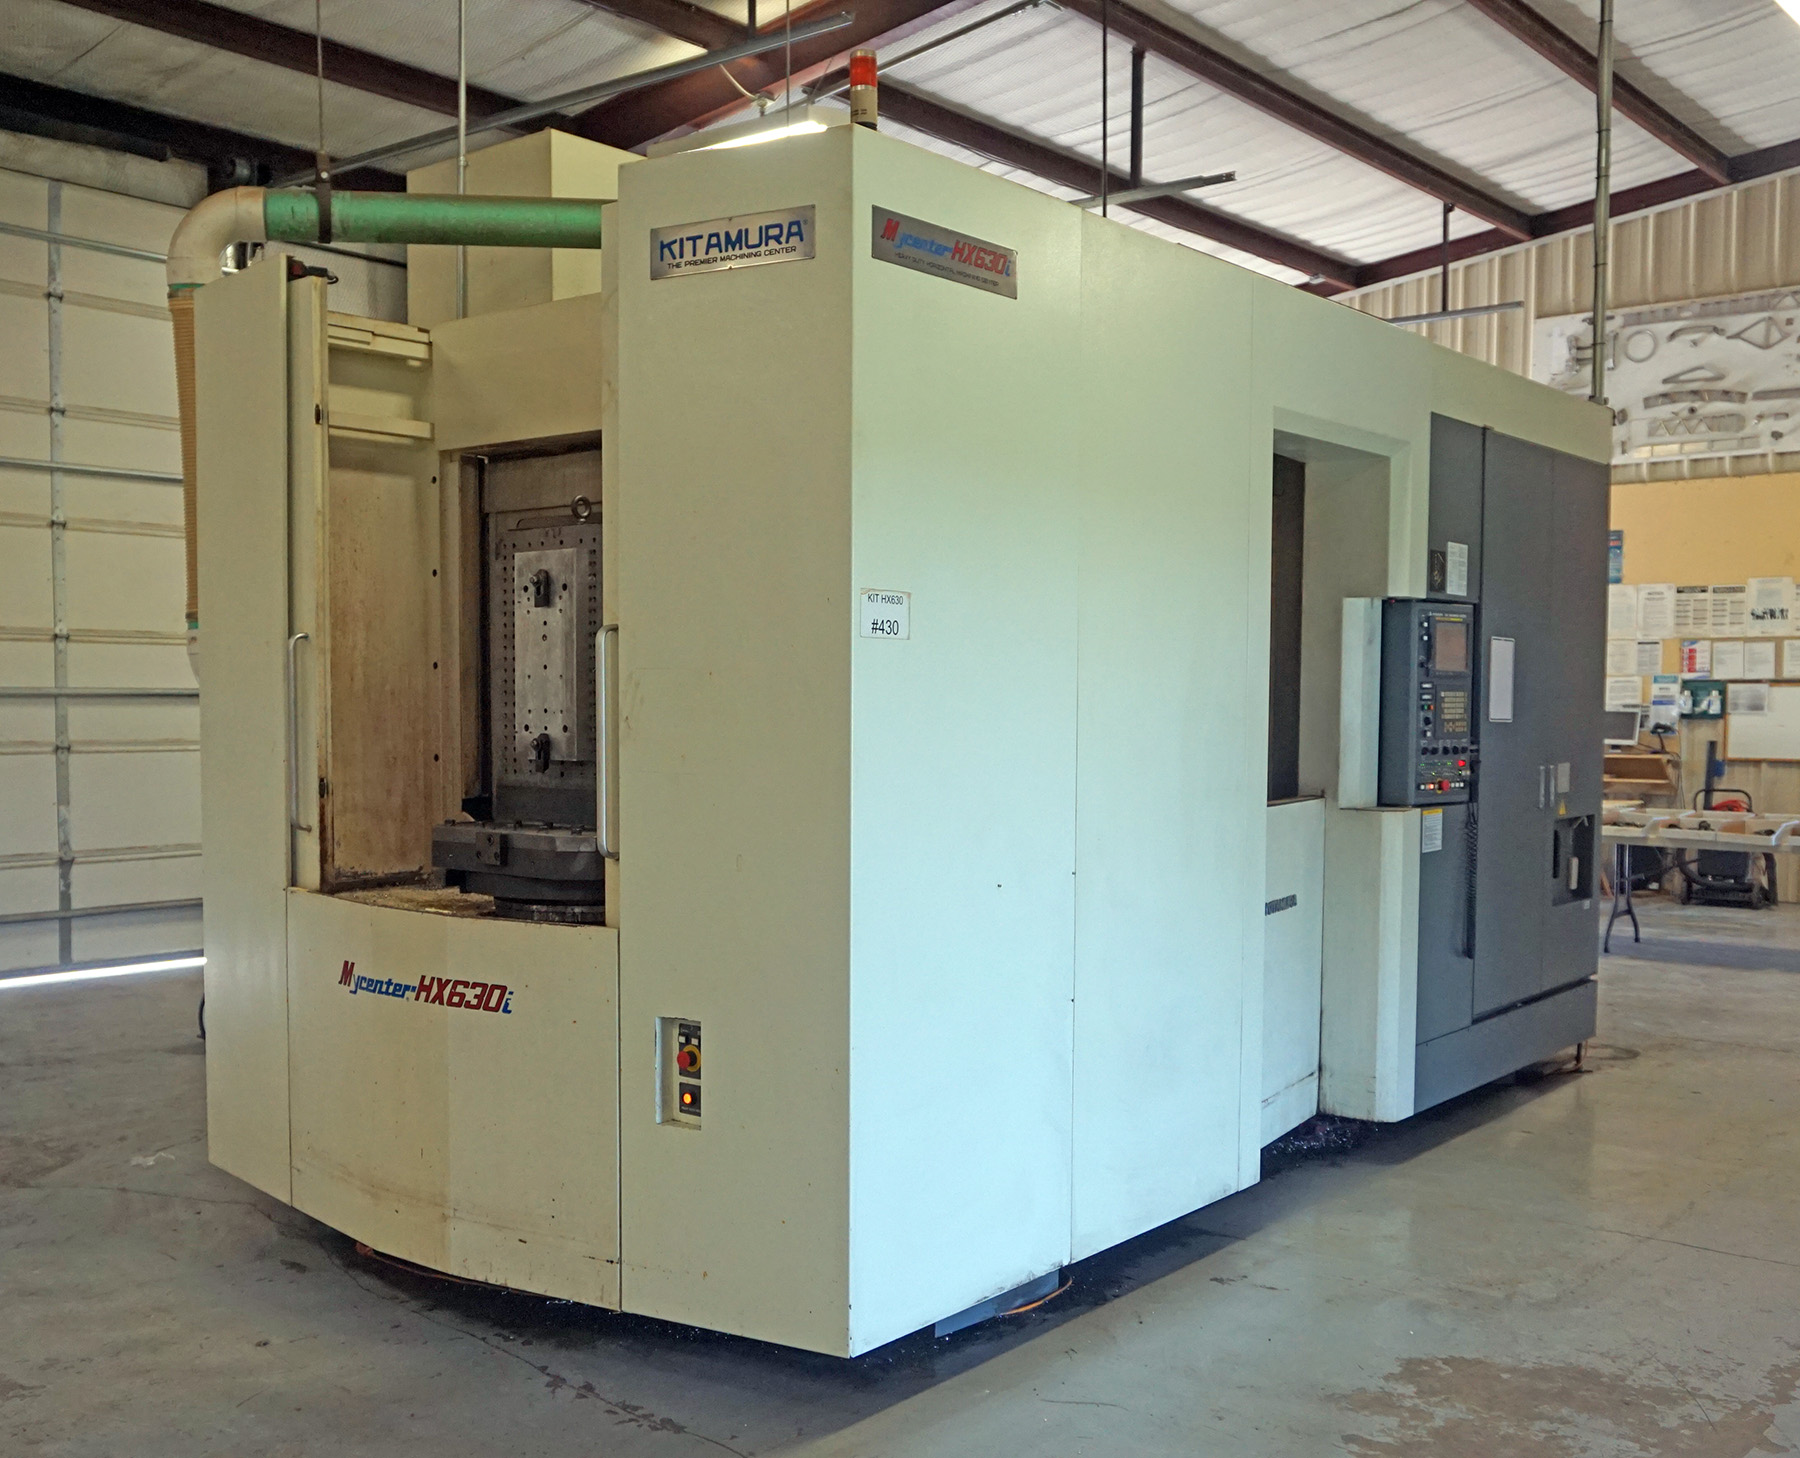 USED, KITAMURA HX-630i CNC HORIZONTAL MACHINING CENTER